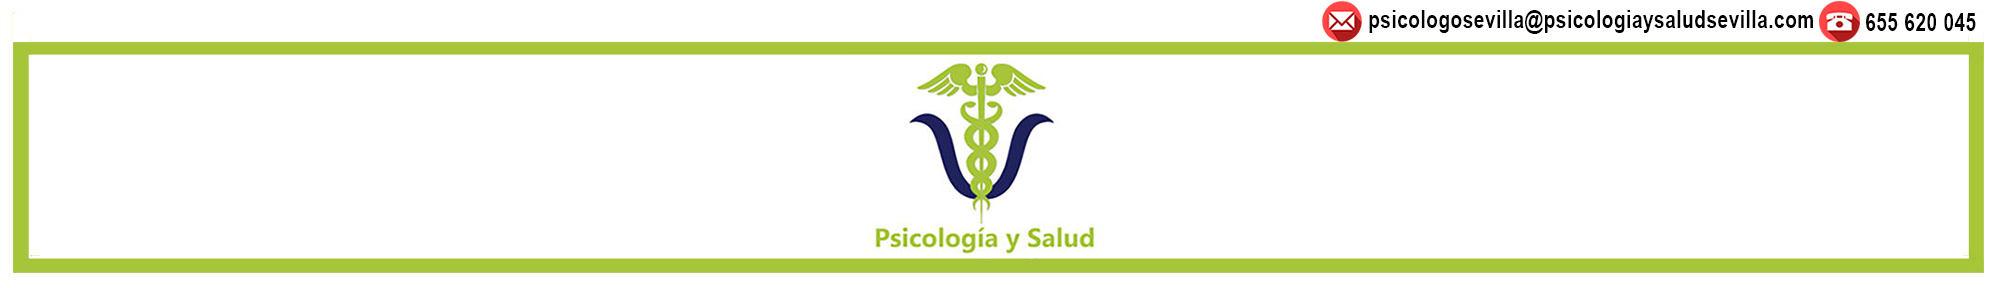 Psicólogo en Sevilla – Federico Casado Reina – Psicología y Salud